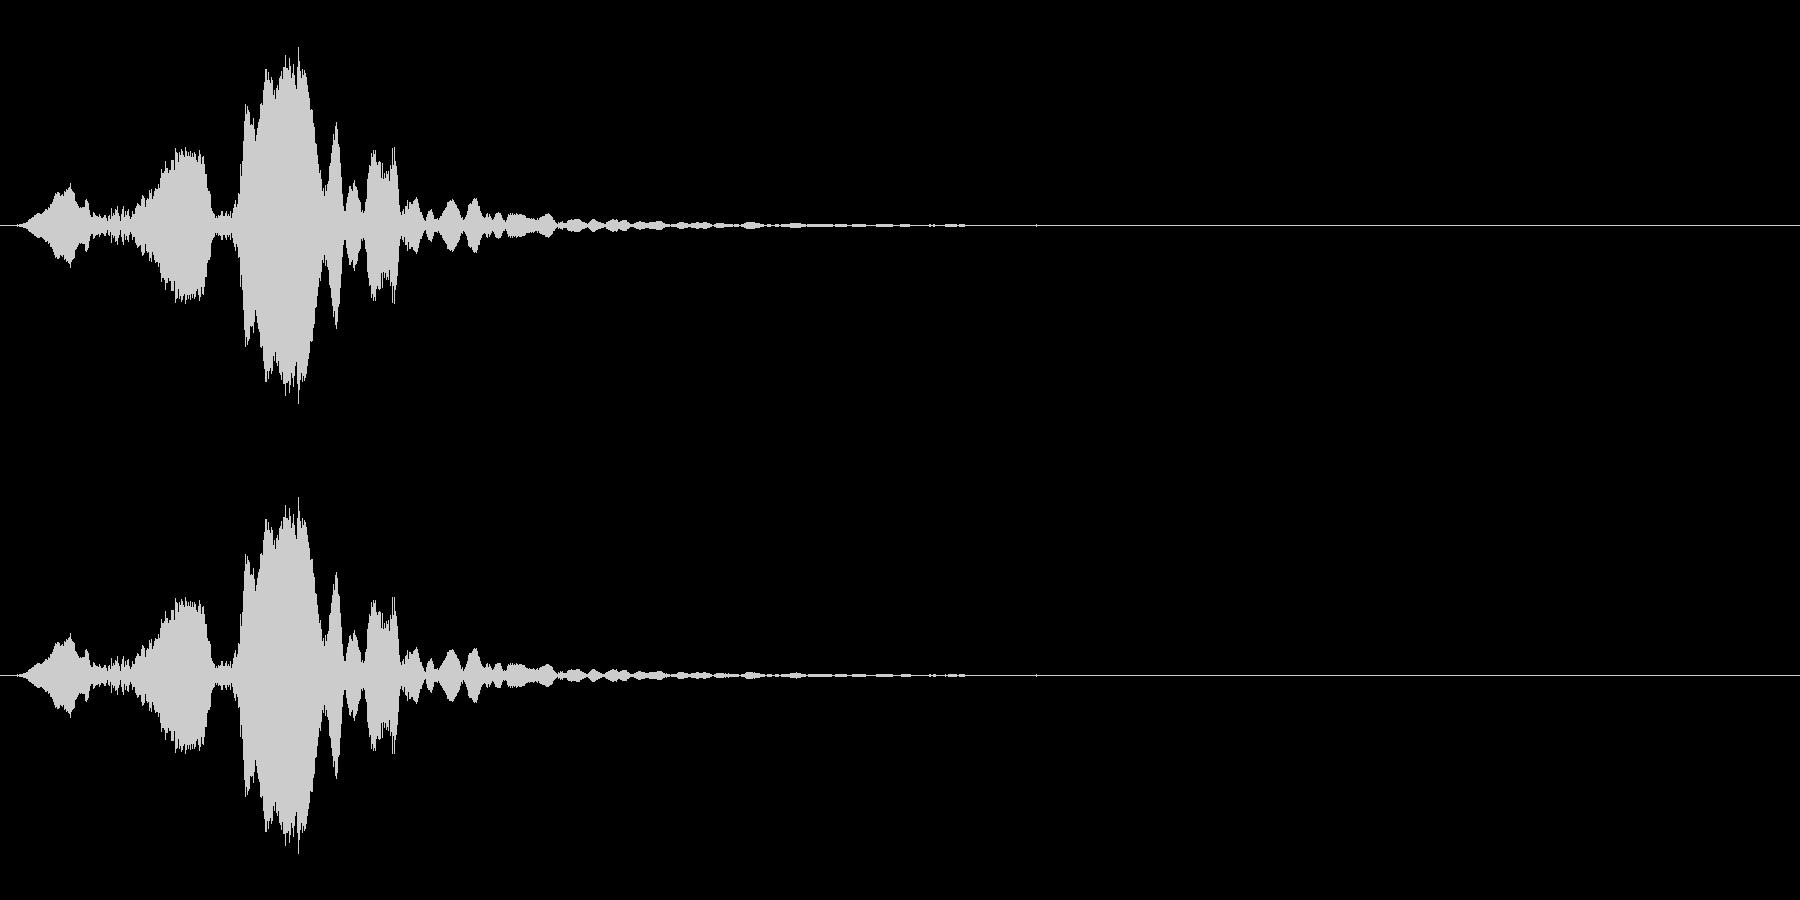 ホイッスルの音_04(ピッ)の未再生の波形